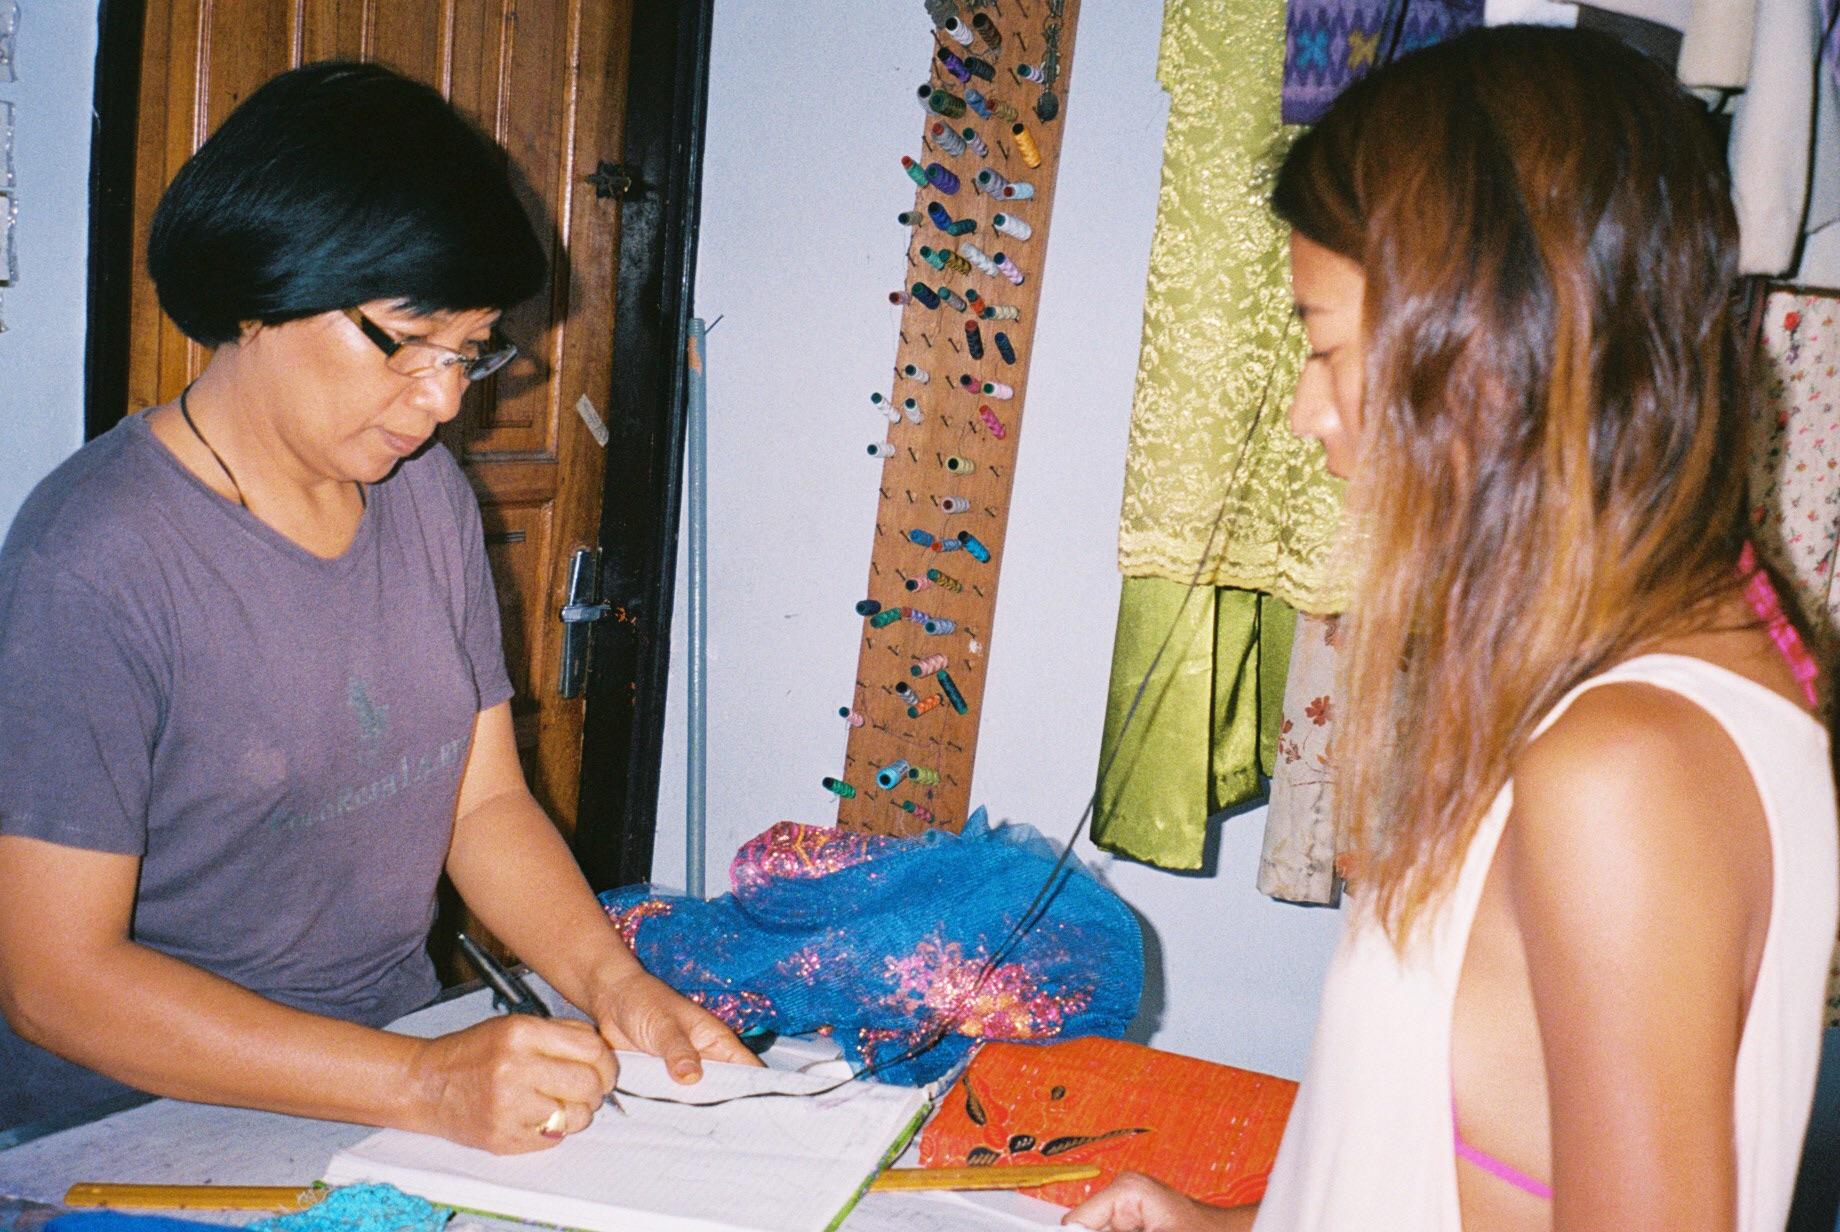 話しながら、デザインをノートに書き込んでいく